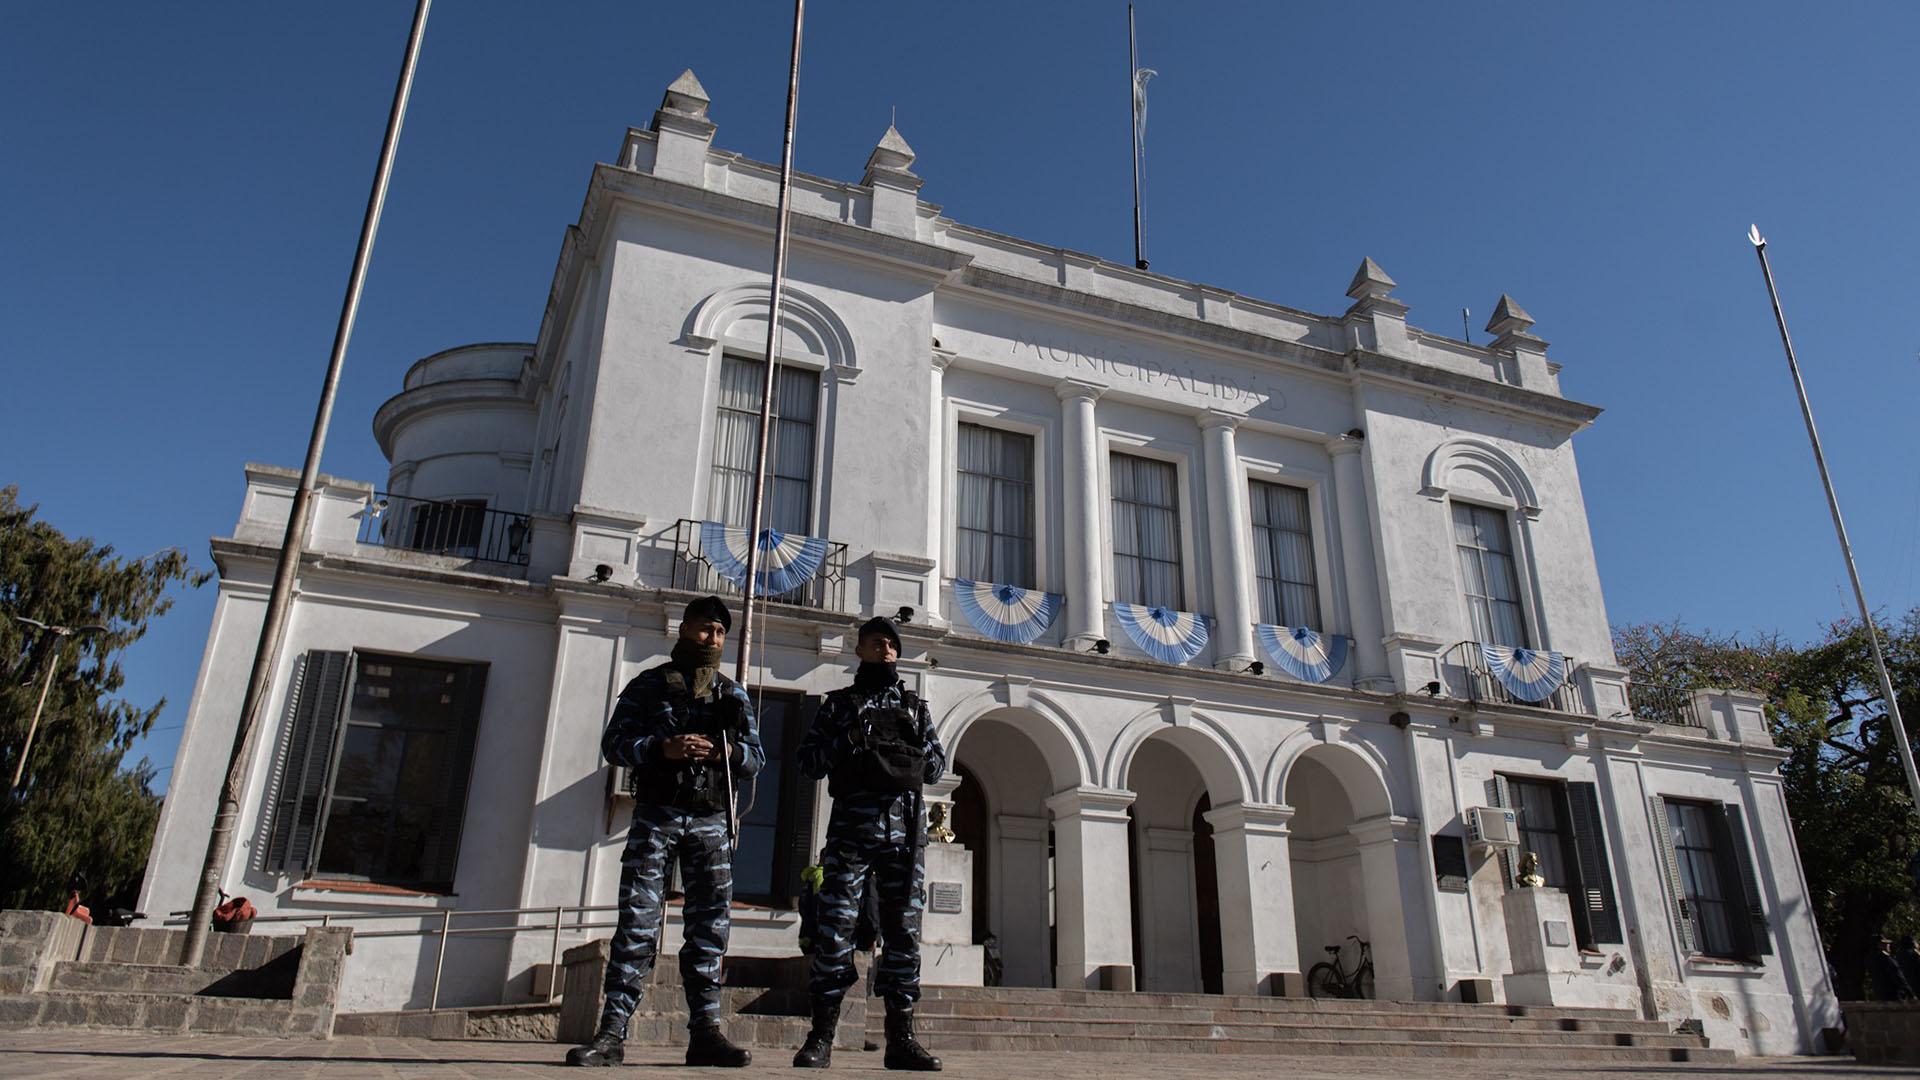 La Municipalidad de San Miguel del Monte se encuentra frente a la plaza principal. La calle de acceso, la vía profesora Laura Giagnacovo, está cerrada al tránsito desde el miércoles y custodiada por un nutrido cordón policial